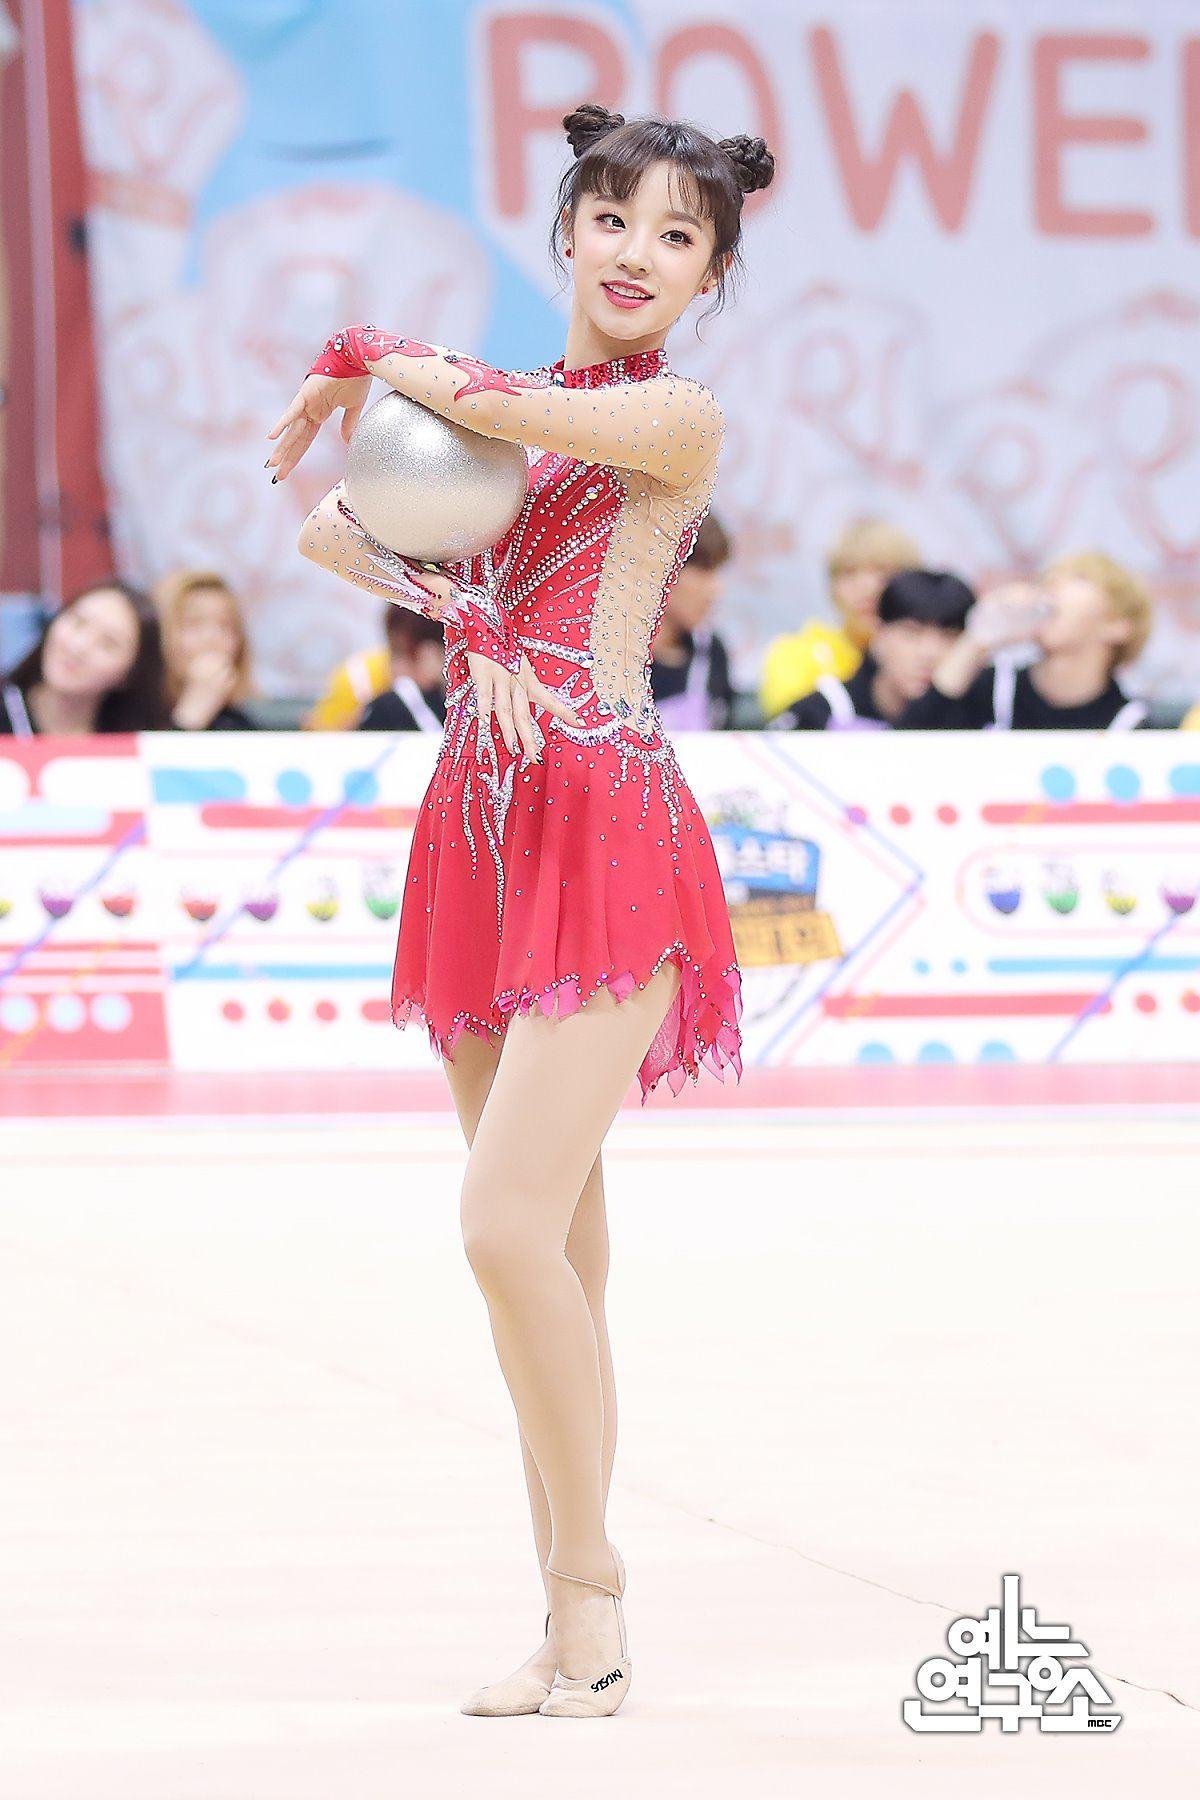 除了冠軍的Yukyung之外,(G)I-DLE的雨琦一出場就被稱讚非常可愛,打扮像娃娃一樣的,俏皮又有活力的演出真的非常符合雨琦給人的形象啊!!